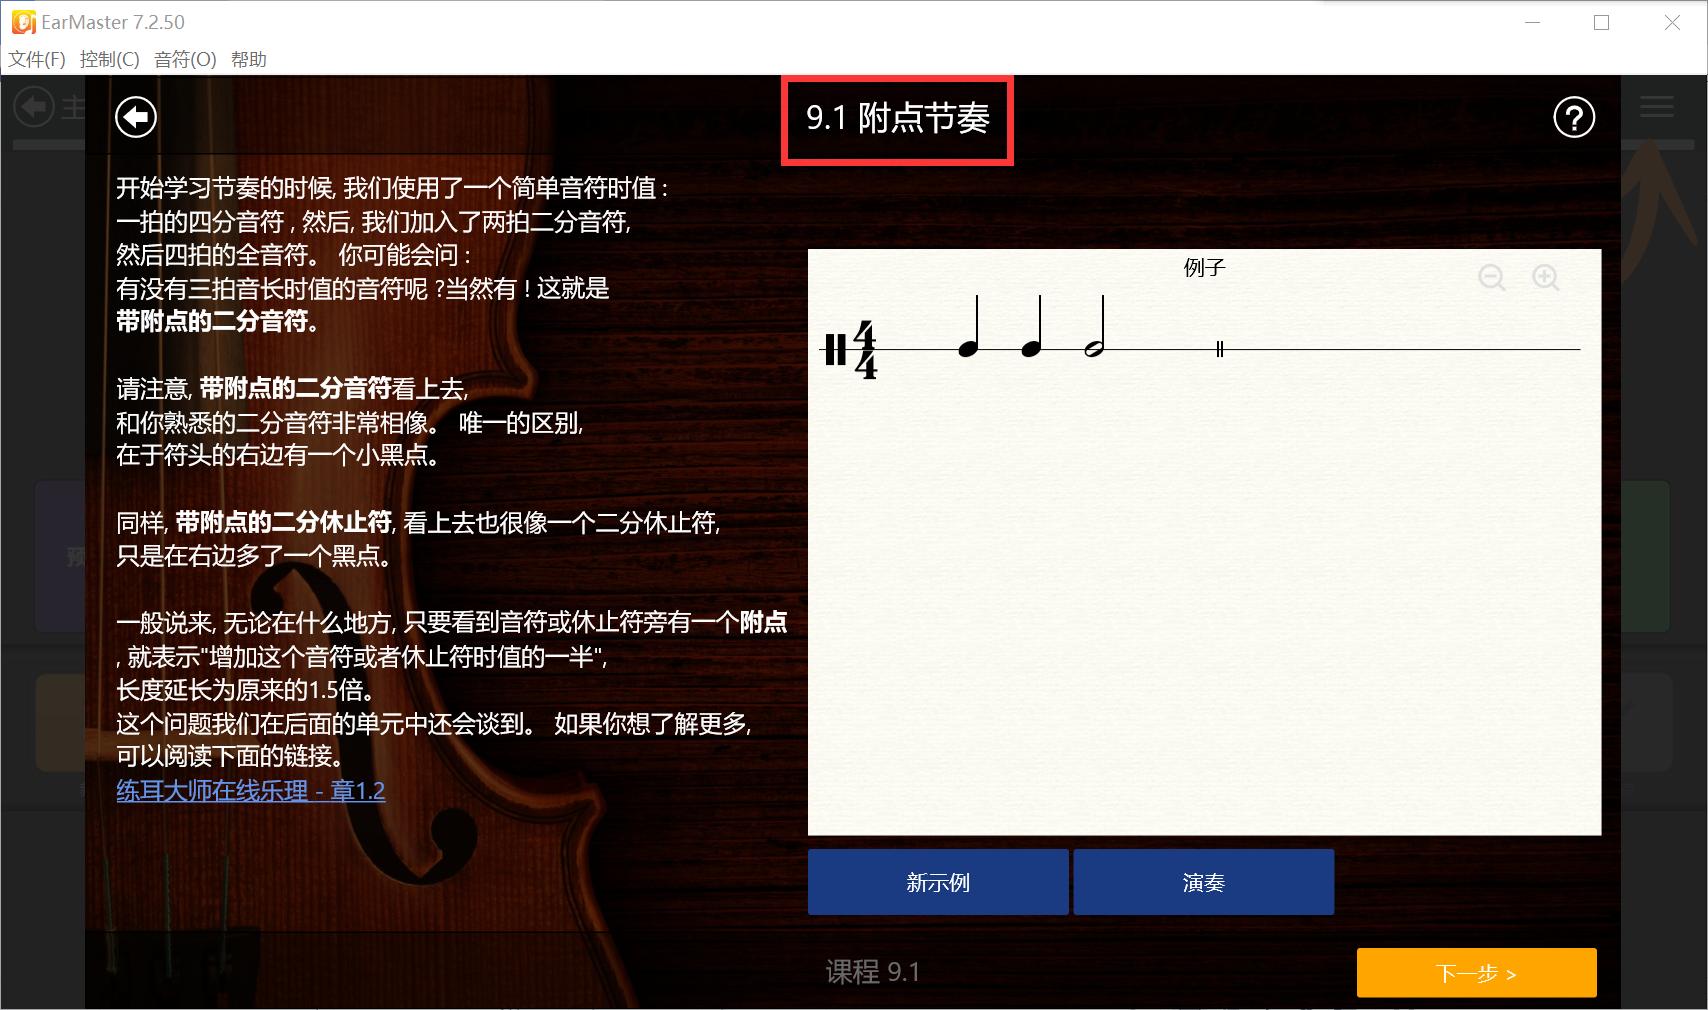 图4:附点节奏